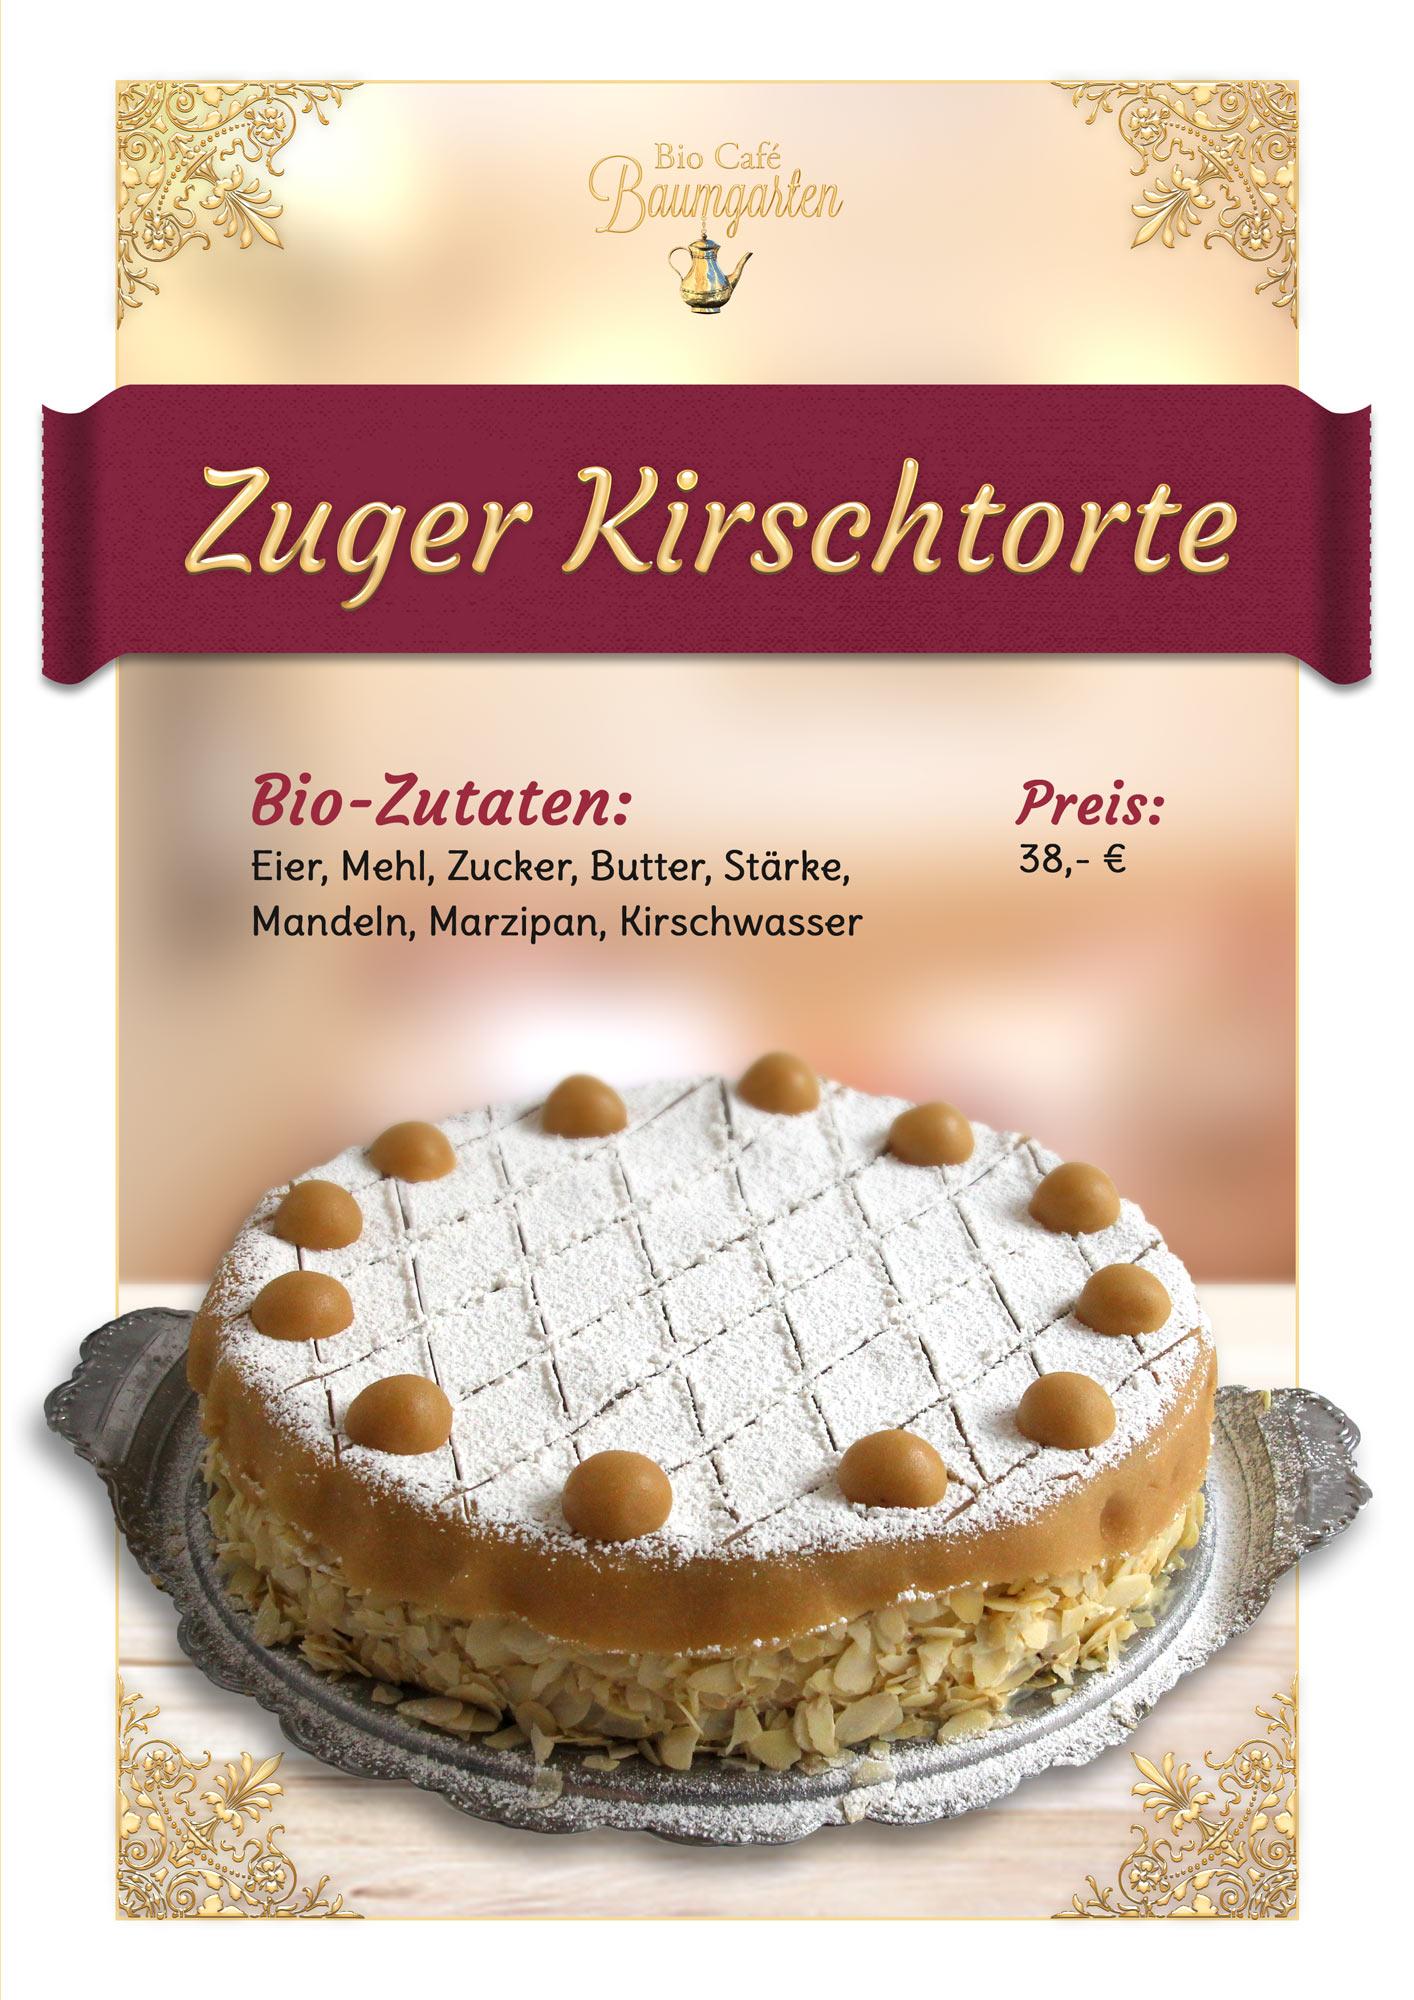 Zuger-Kirschtorte